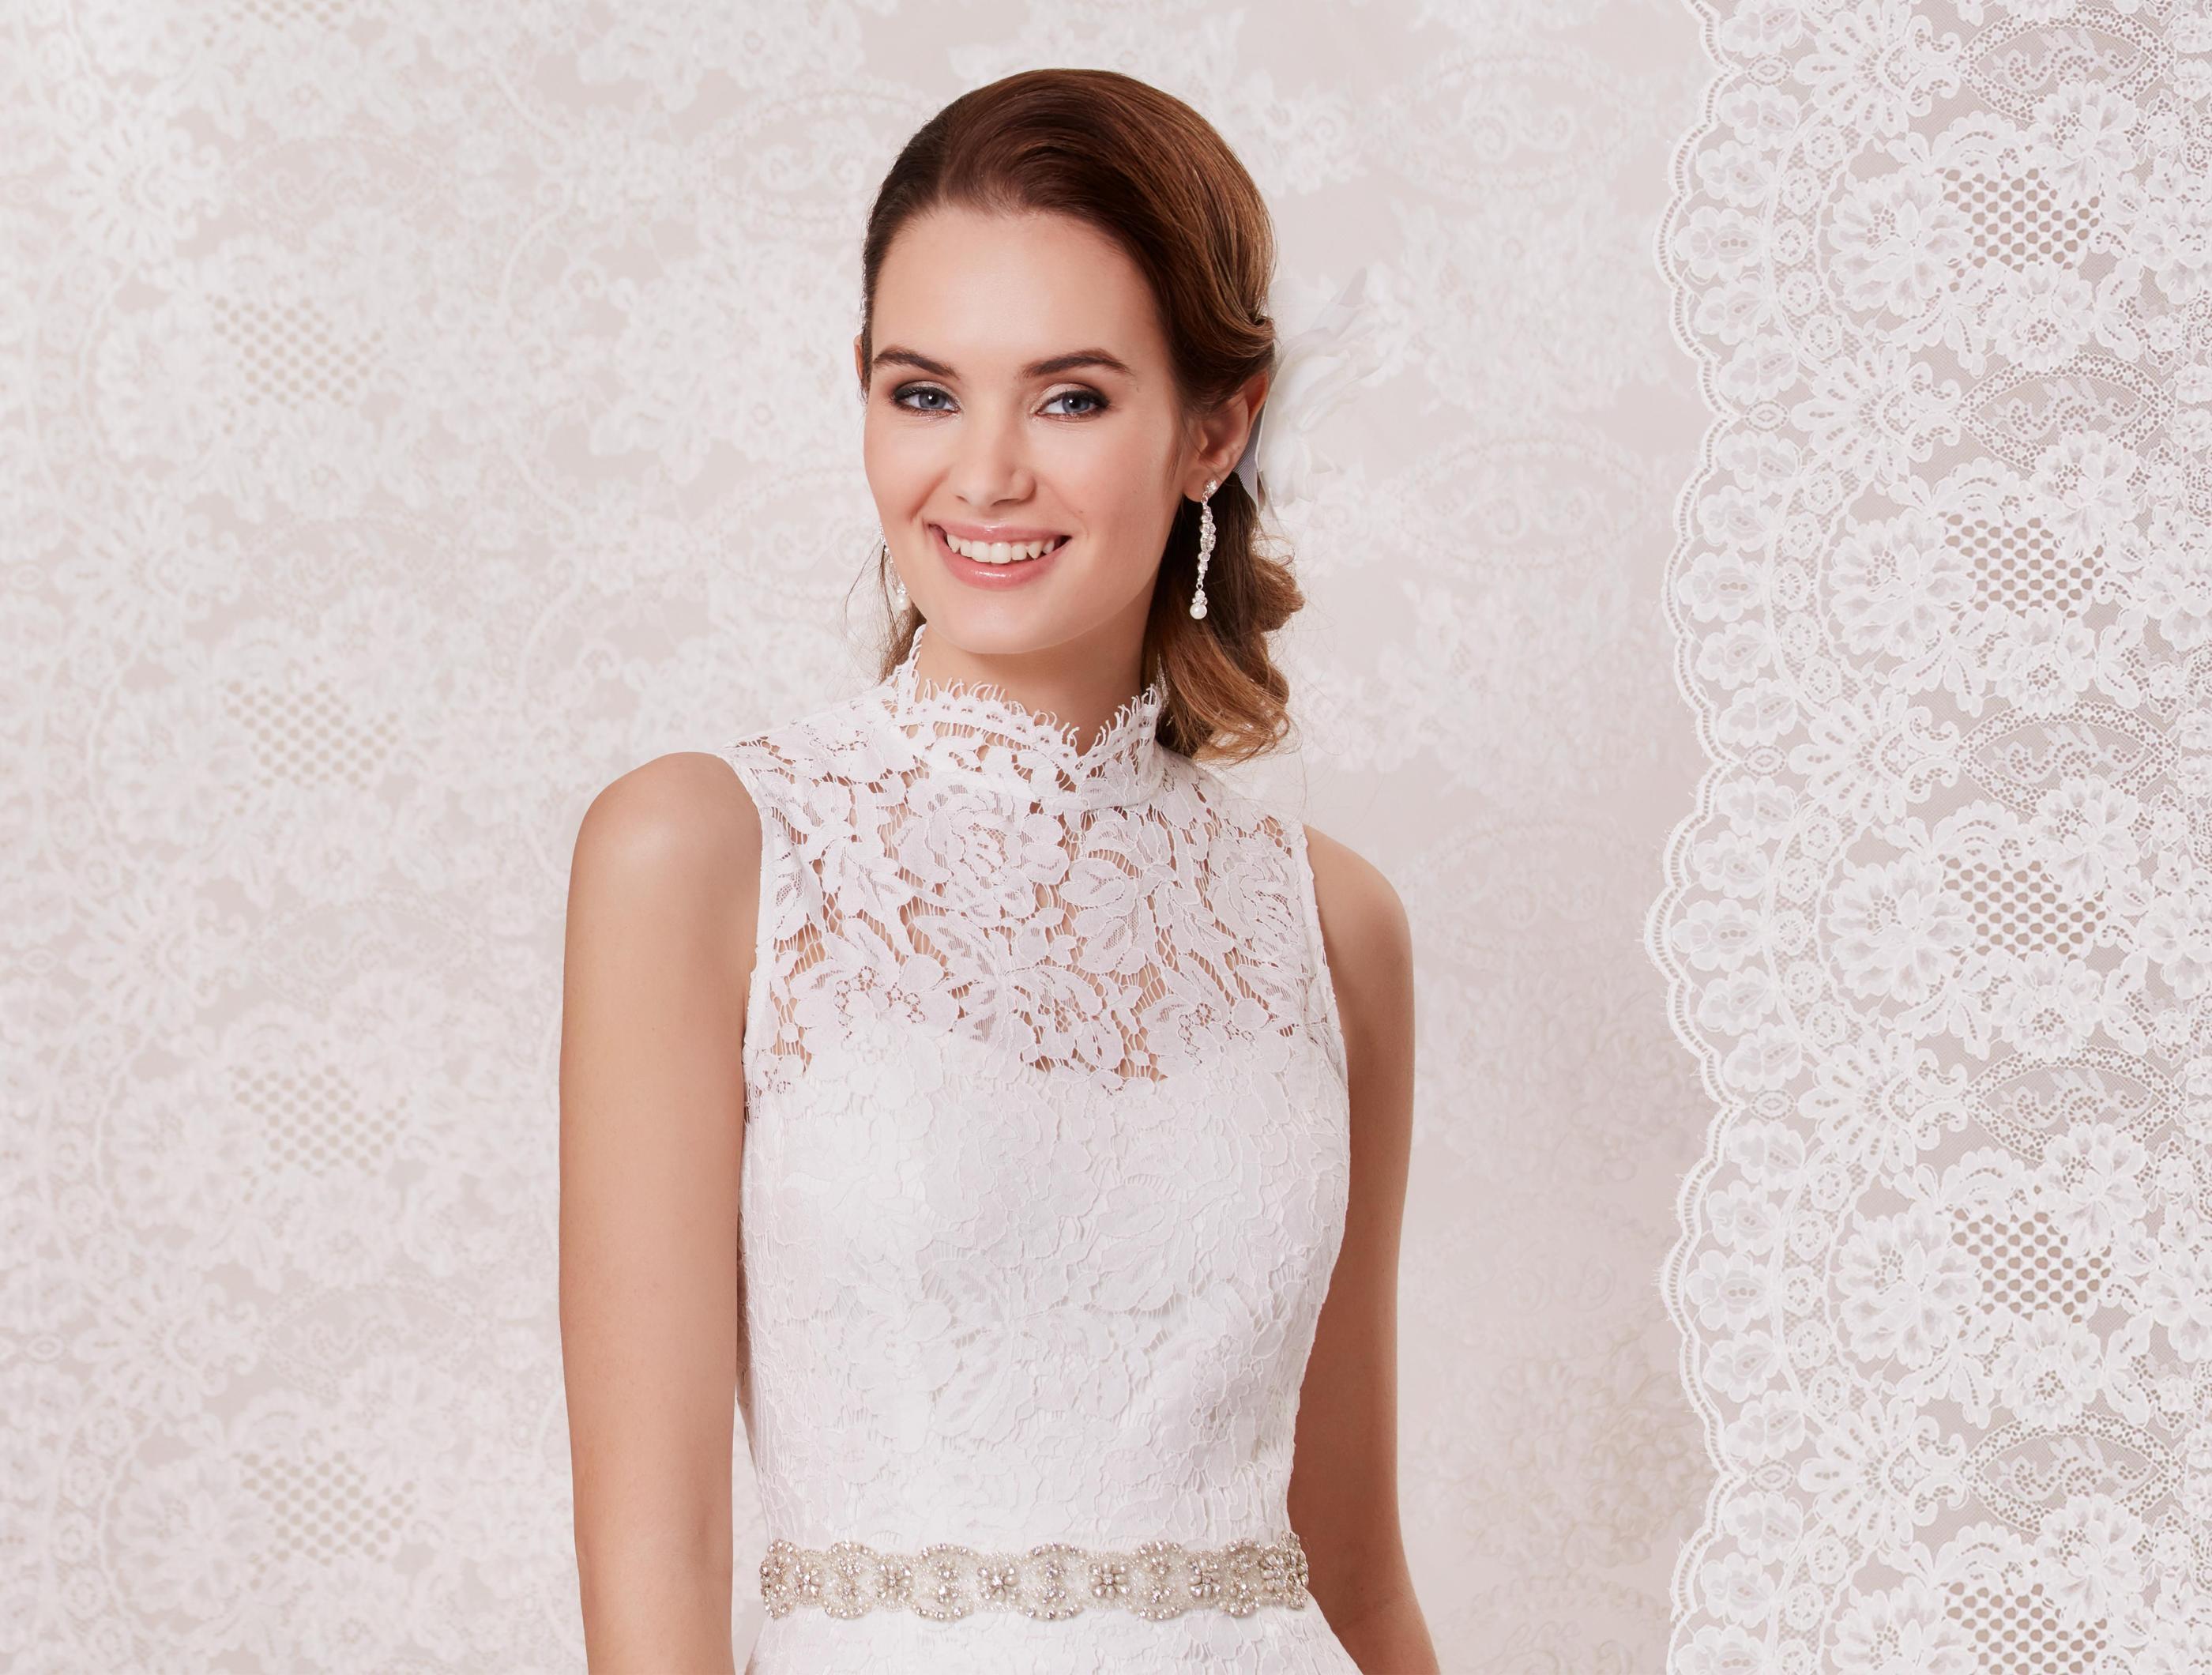 Kurzes Spitzen-Etui-Kleid mit Stehkragen